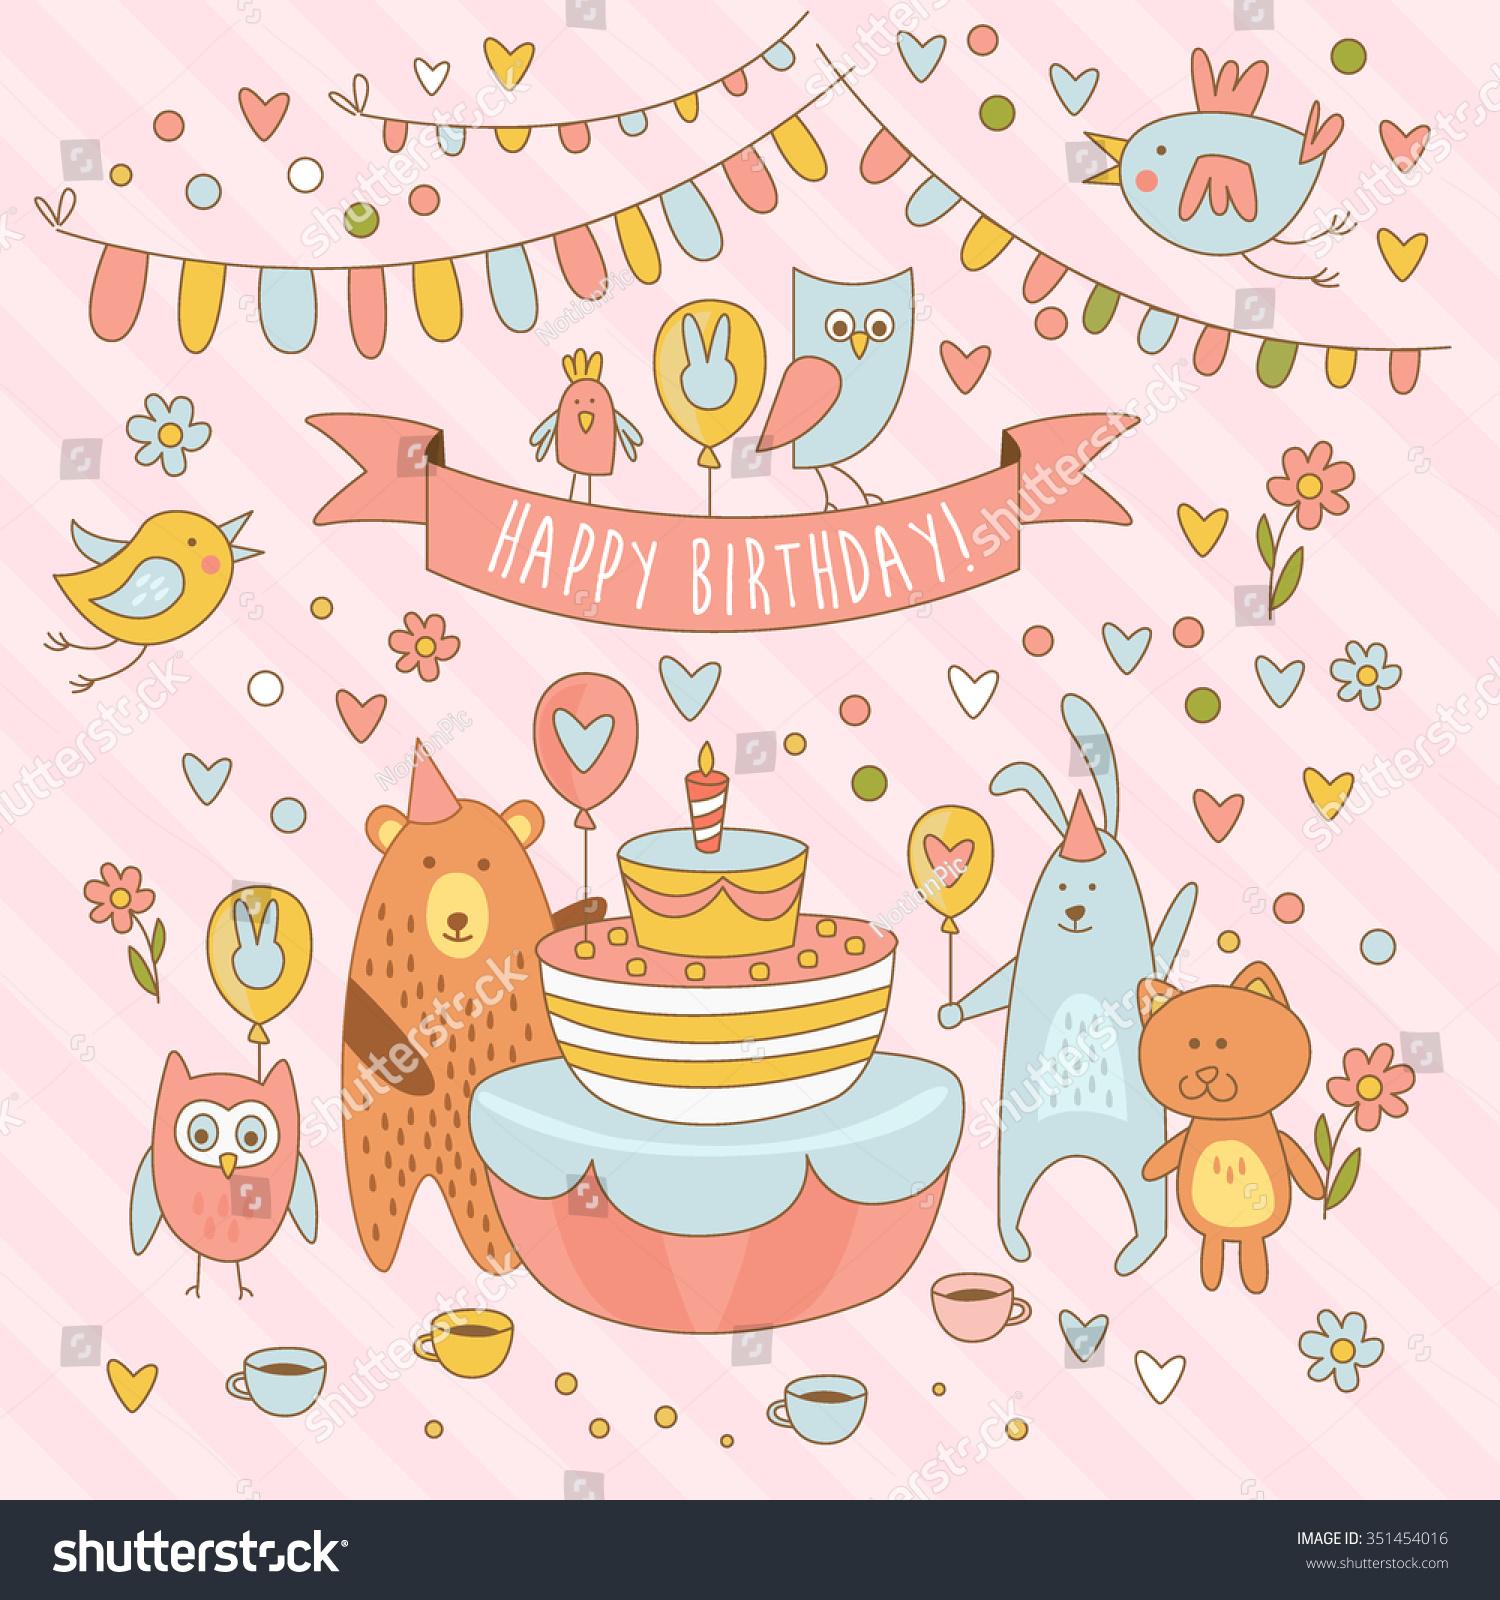 Поздравления на день рождения себе самой